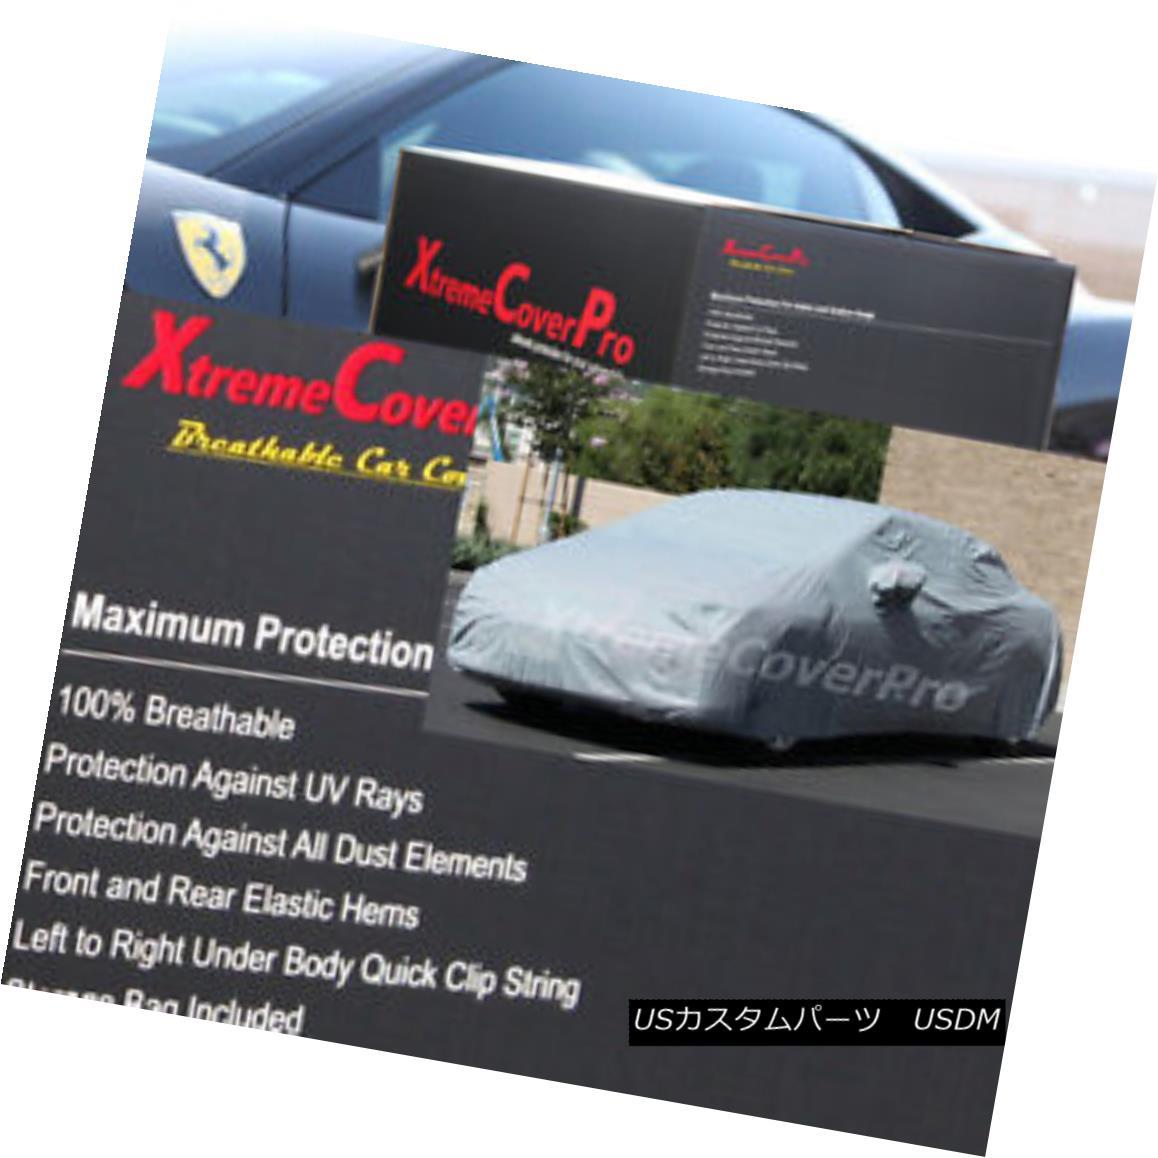 カーカバー 2014 Mitsubishi Lancer Breathable Car Cover w/ Mirror Pocket 2014三菱ランサー通気性の車カバー(ミラーポケット付)